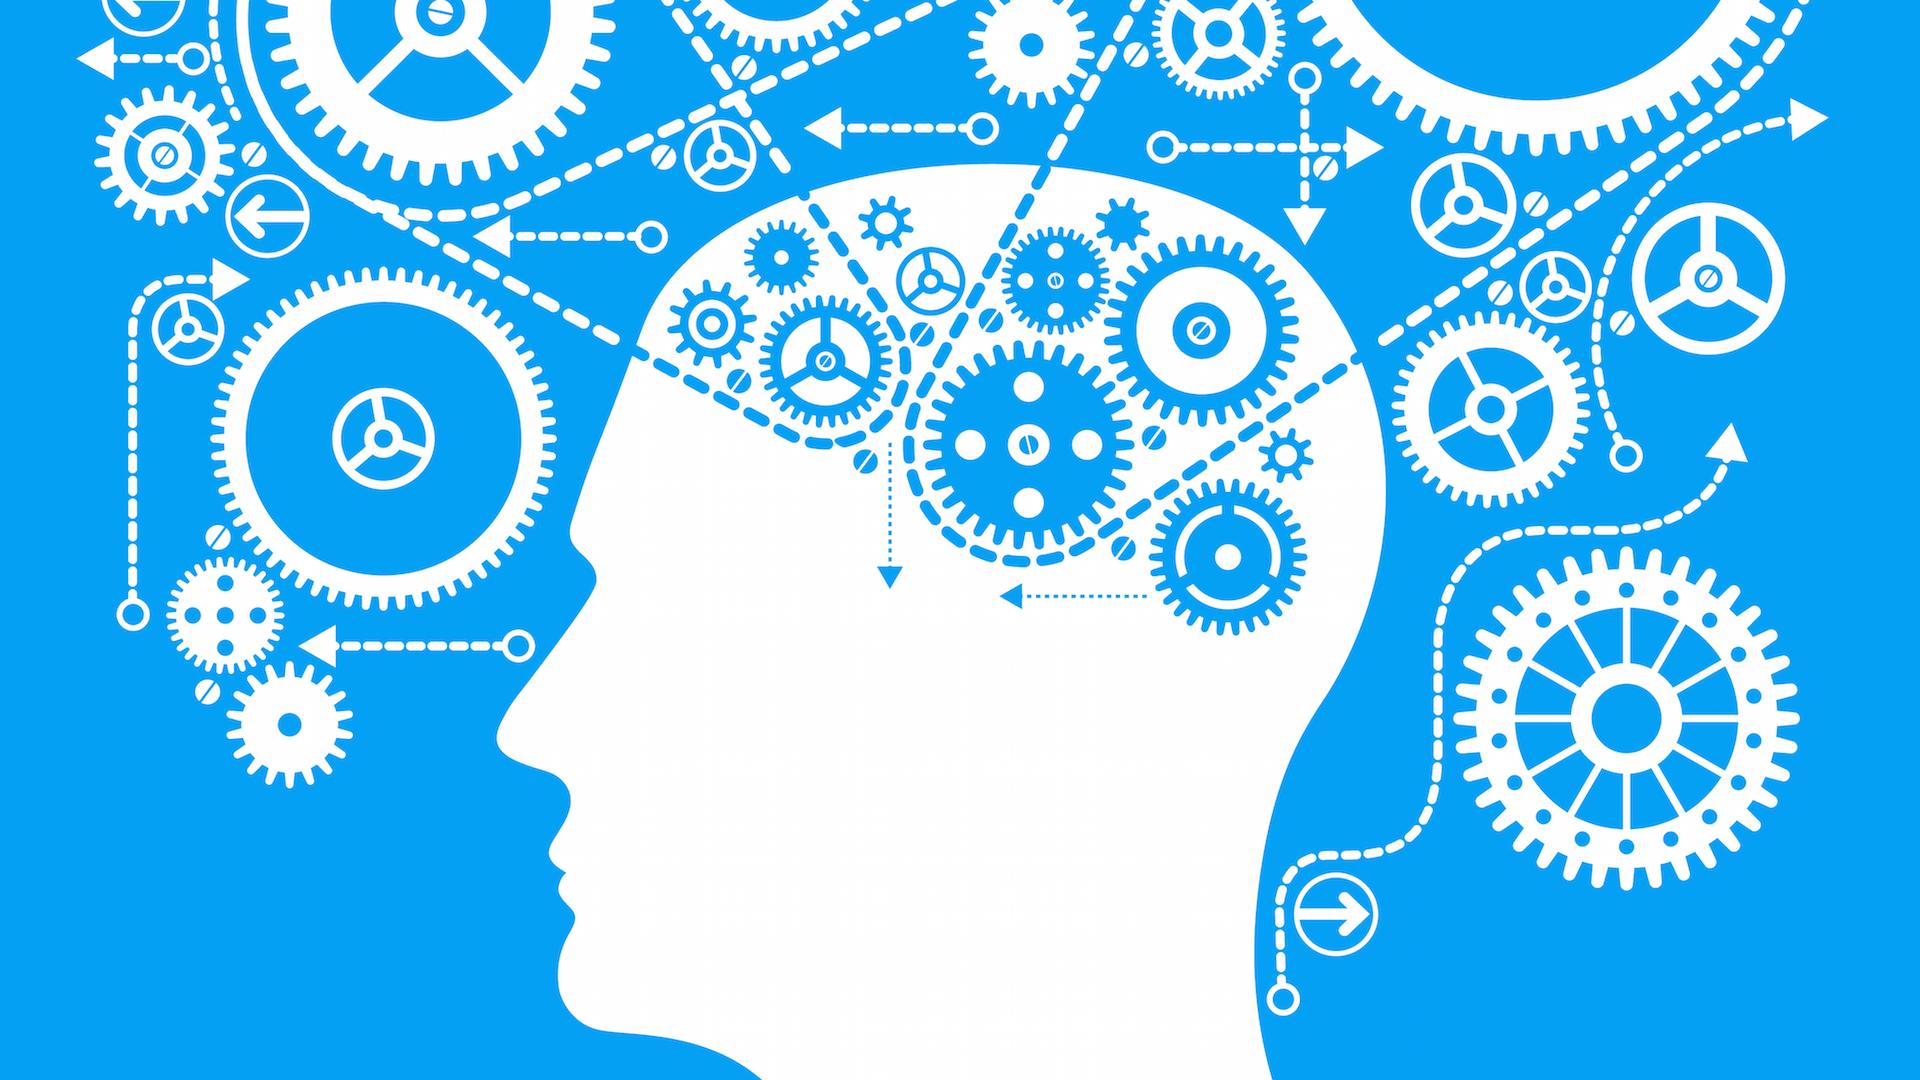 Qu'est-ce que les sciences cognitiveset que peuvent-elles apporter à l'éducation des enfants?